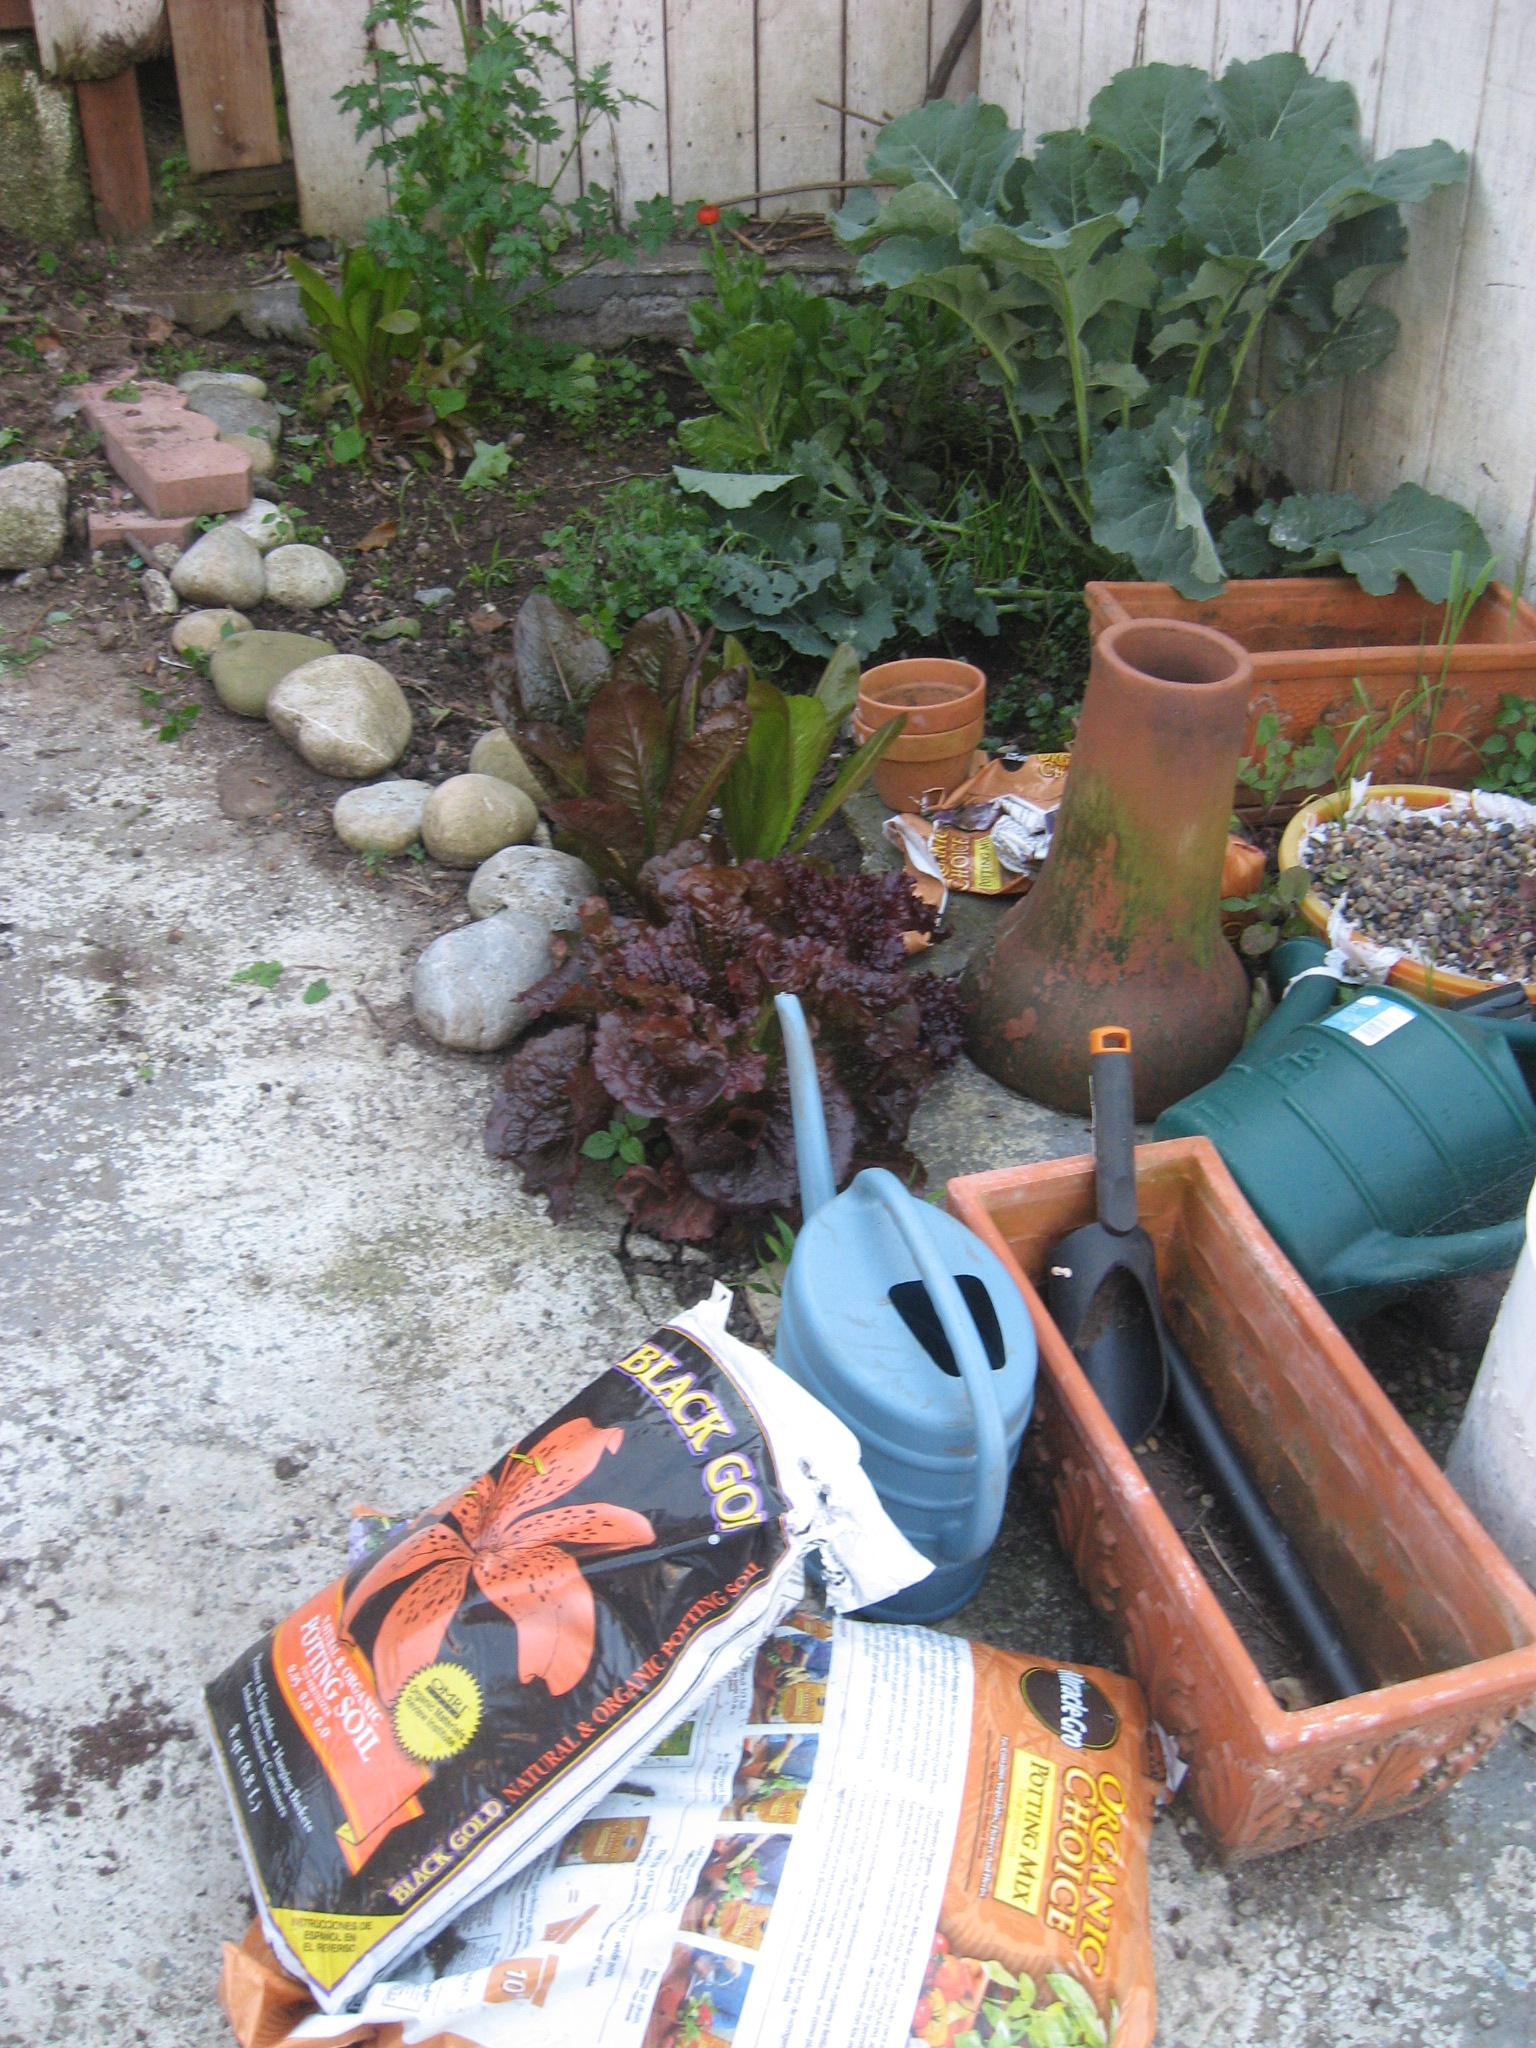 Garden space kicking off